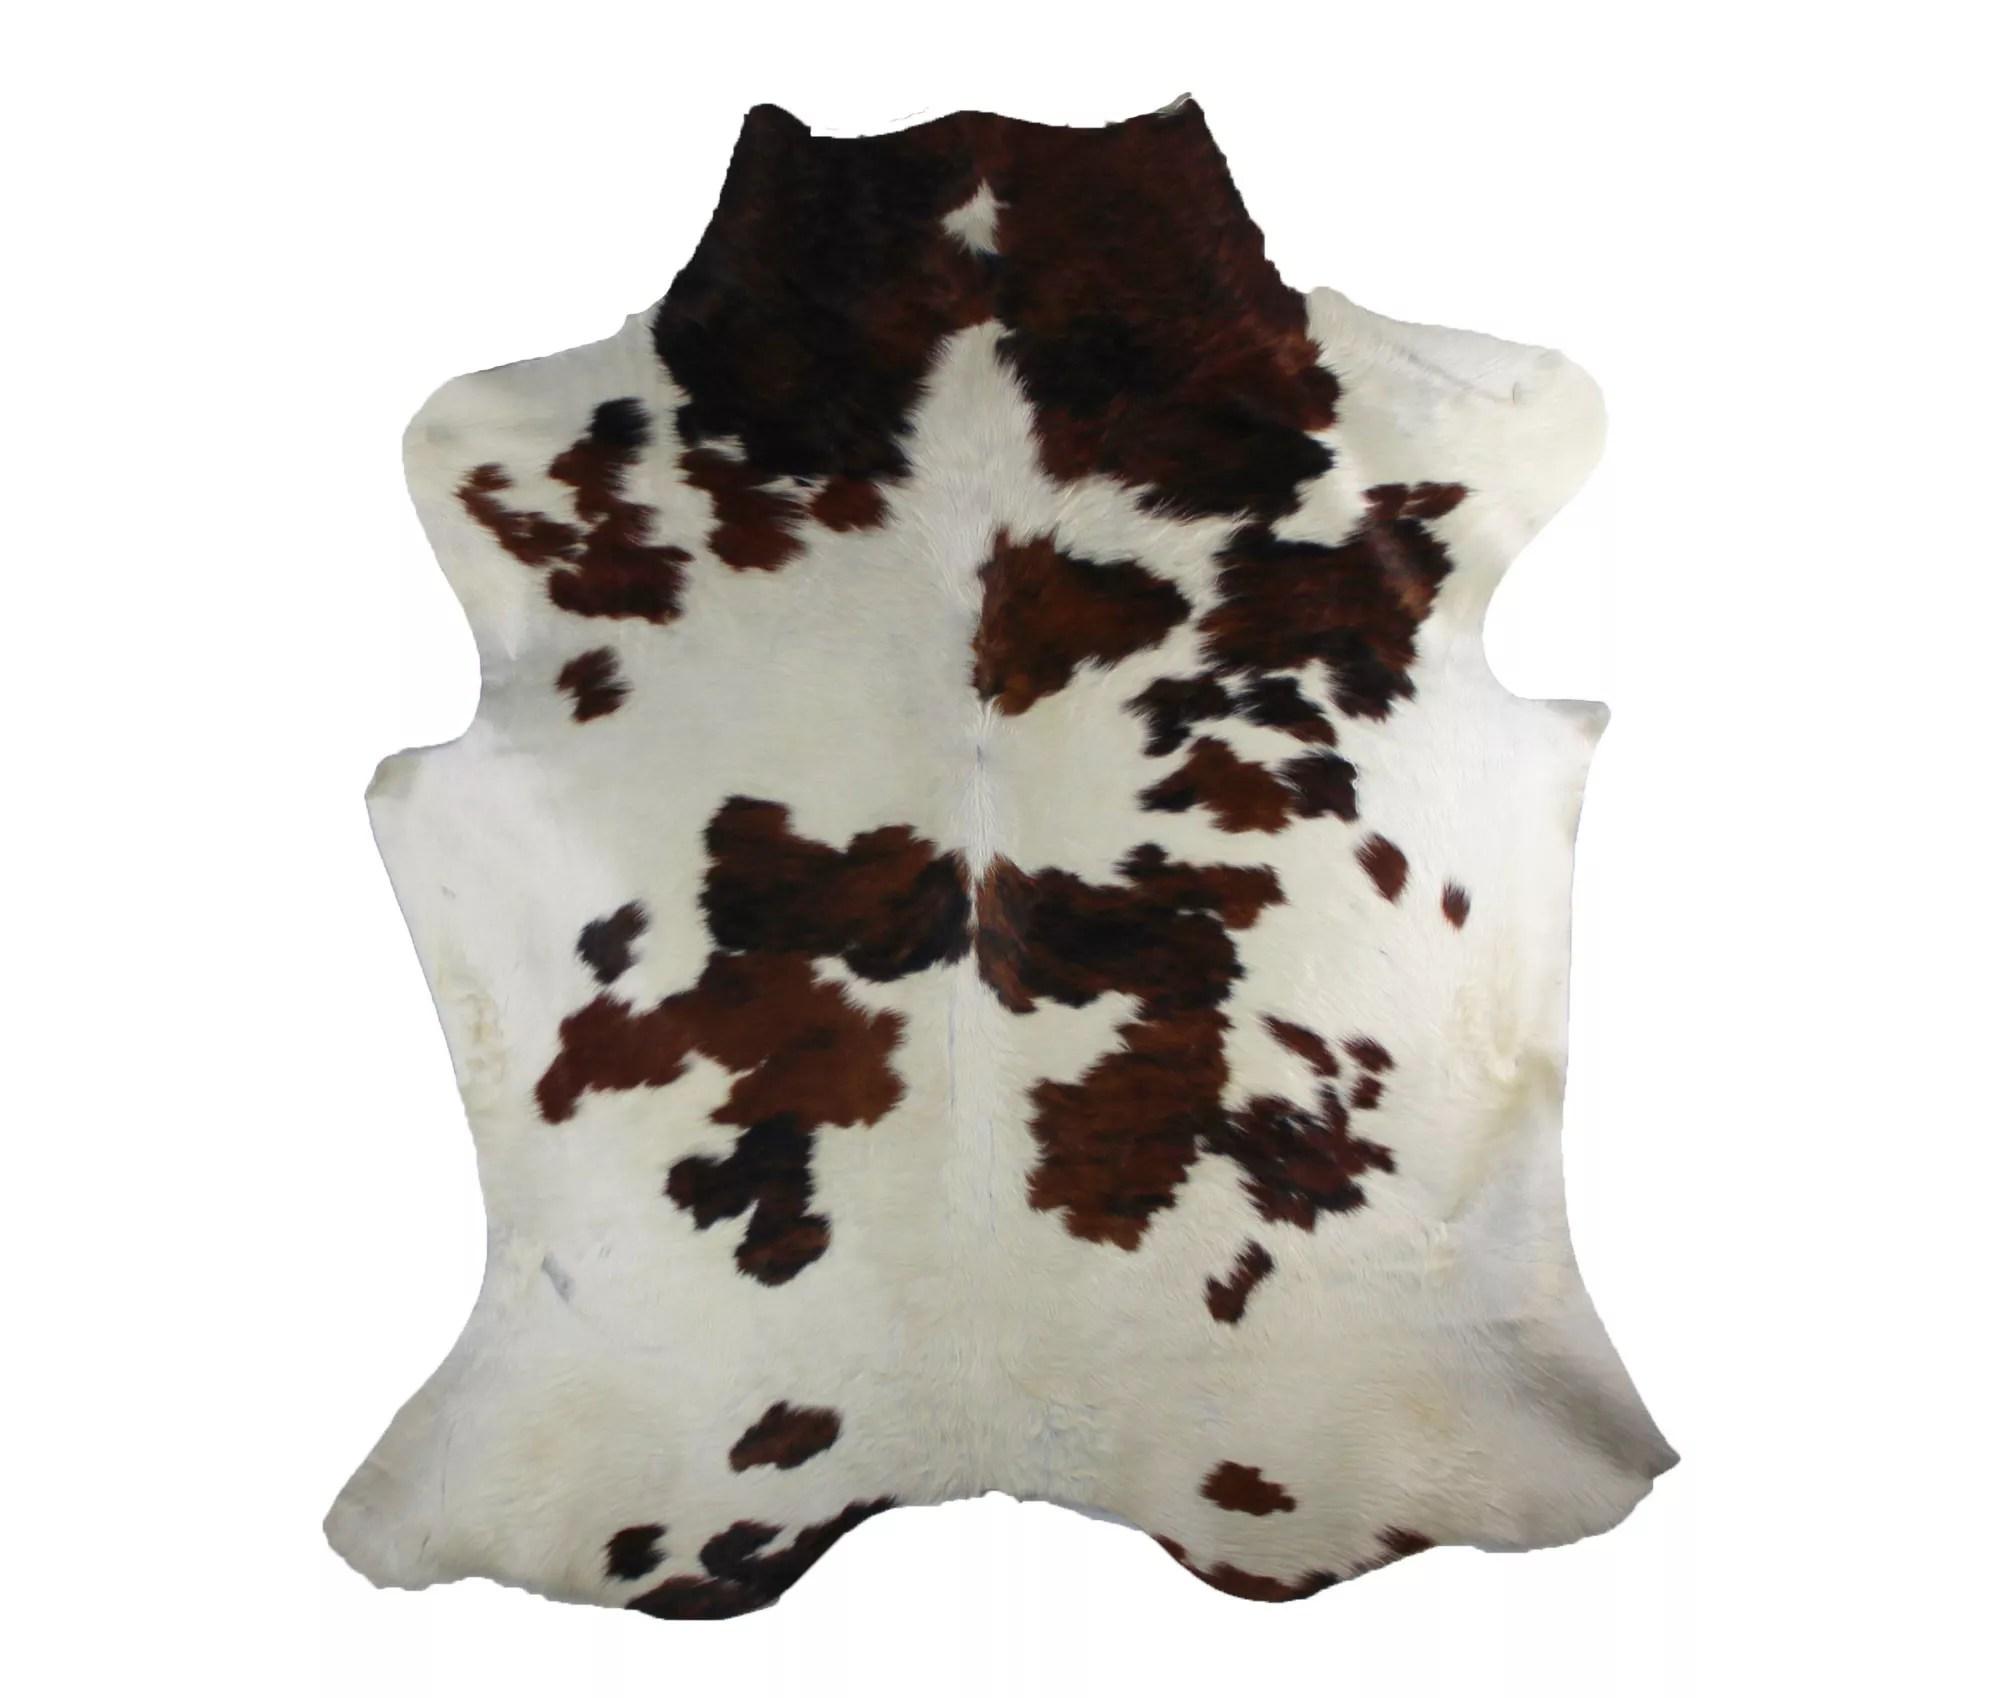 tapis peau de vache type normande fond blanc creme taches marron clair et foncee